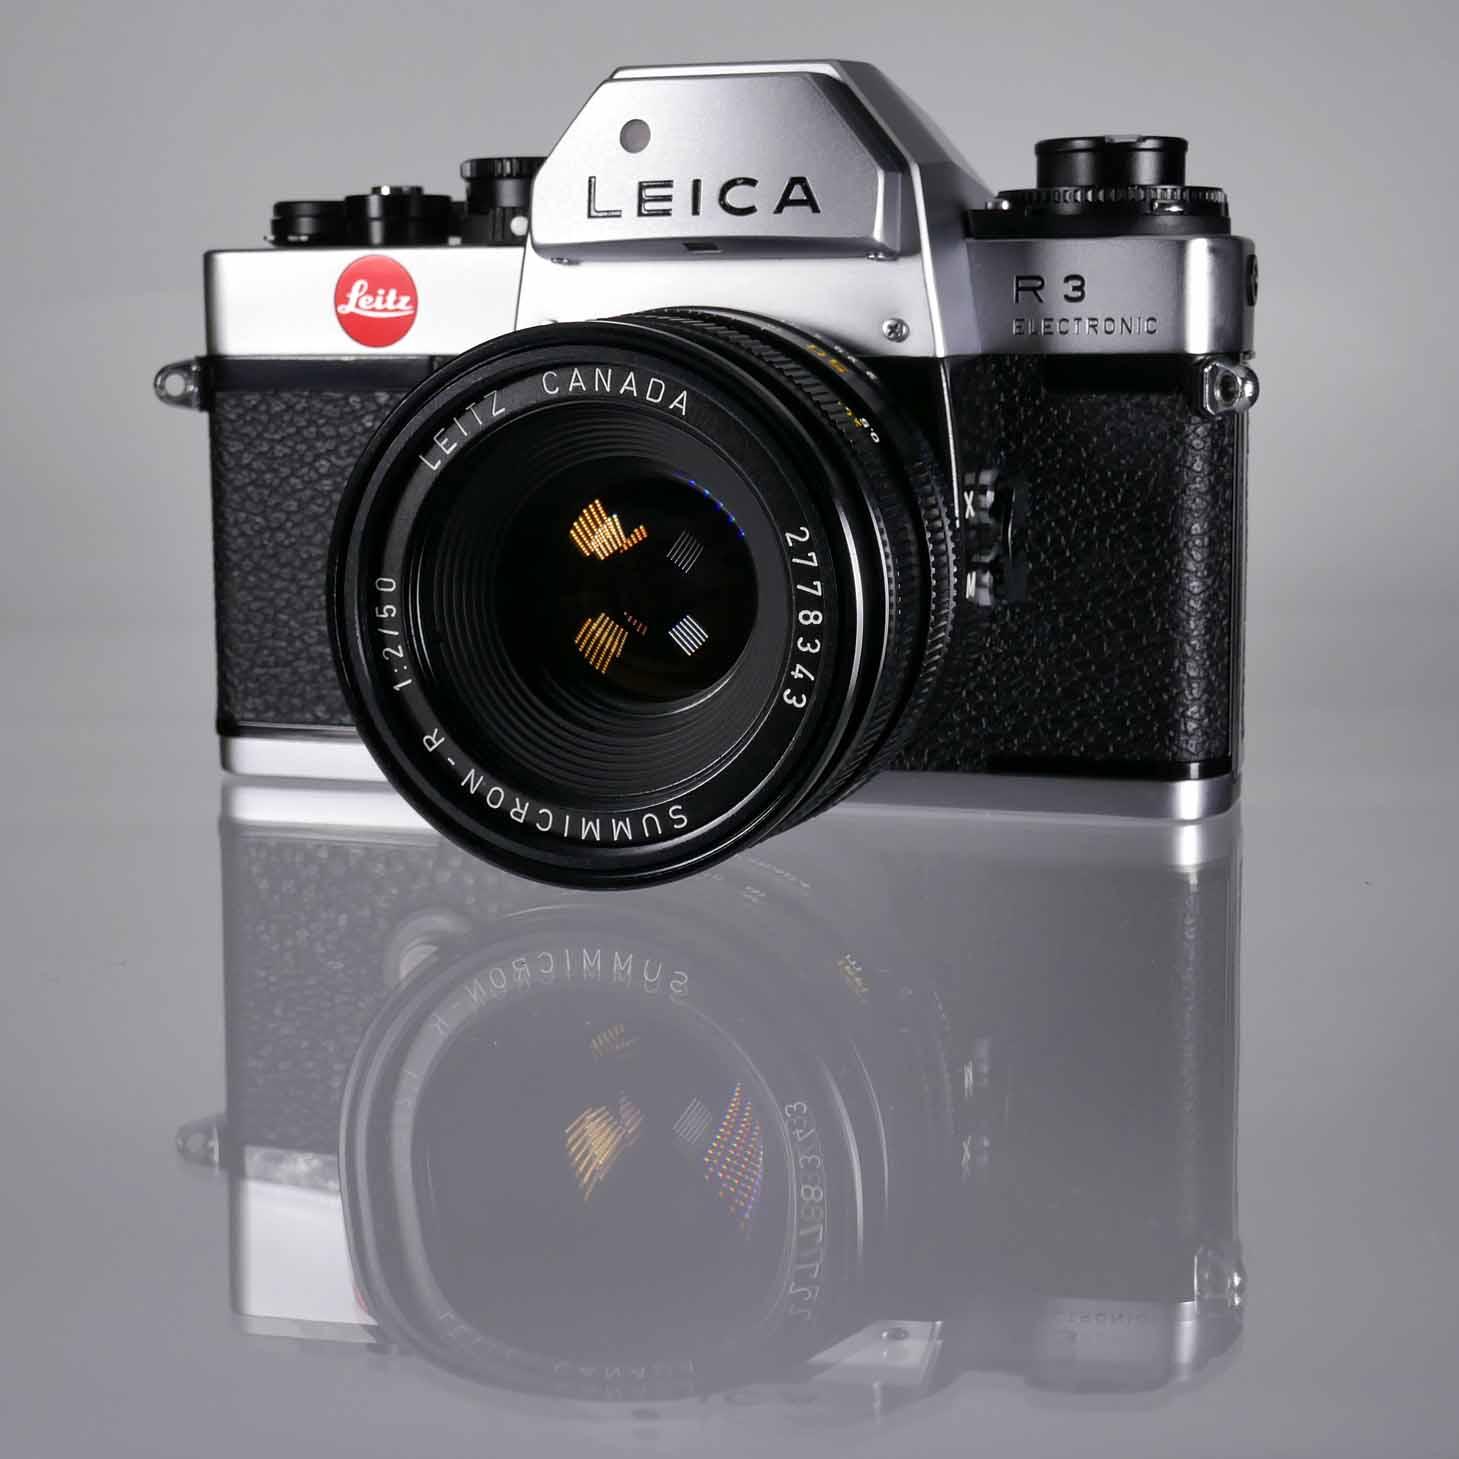 clean-cameras-Leica-R3-Summicron-50mm-08